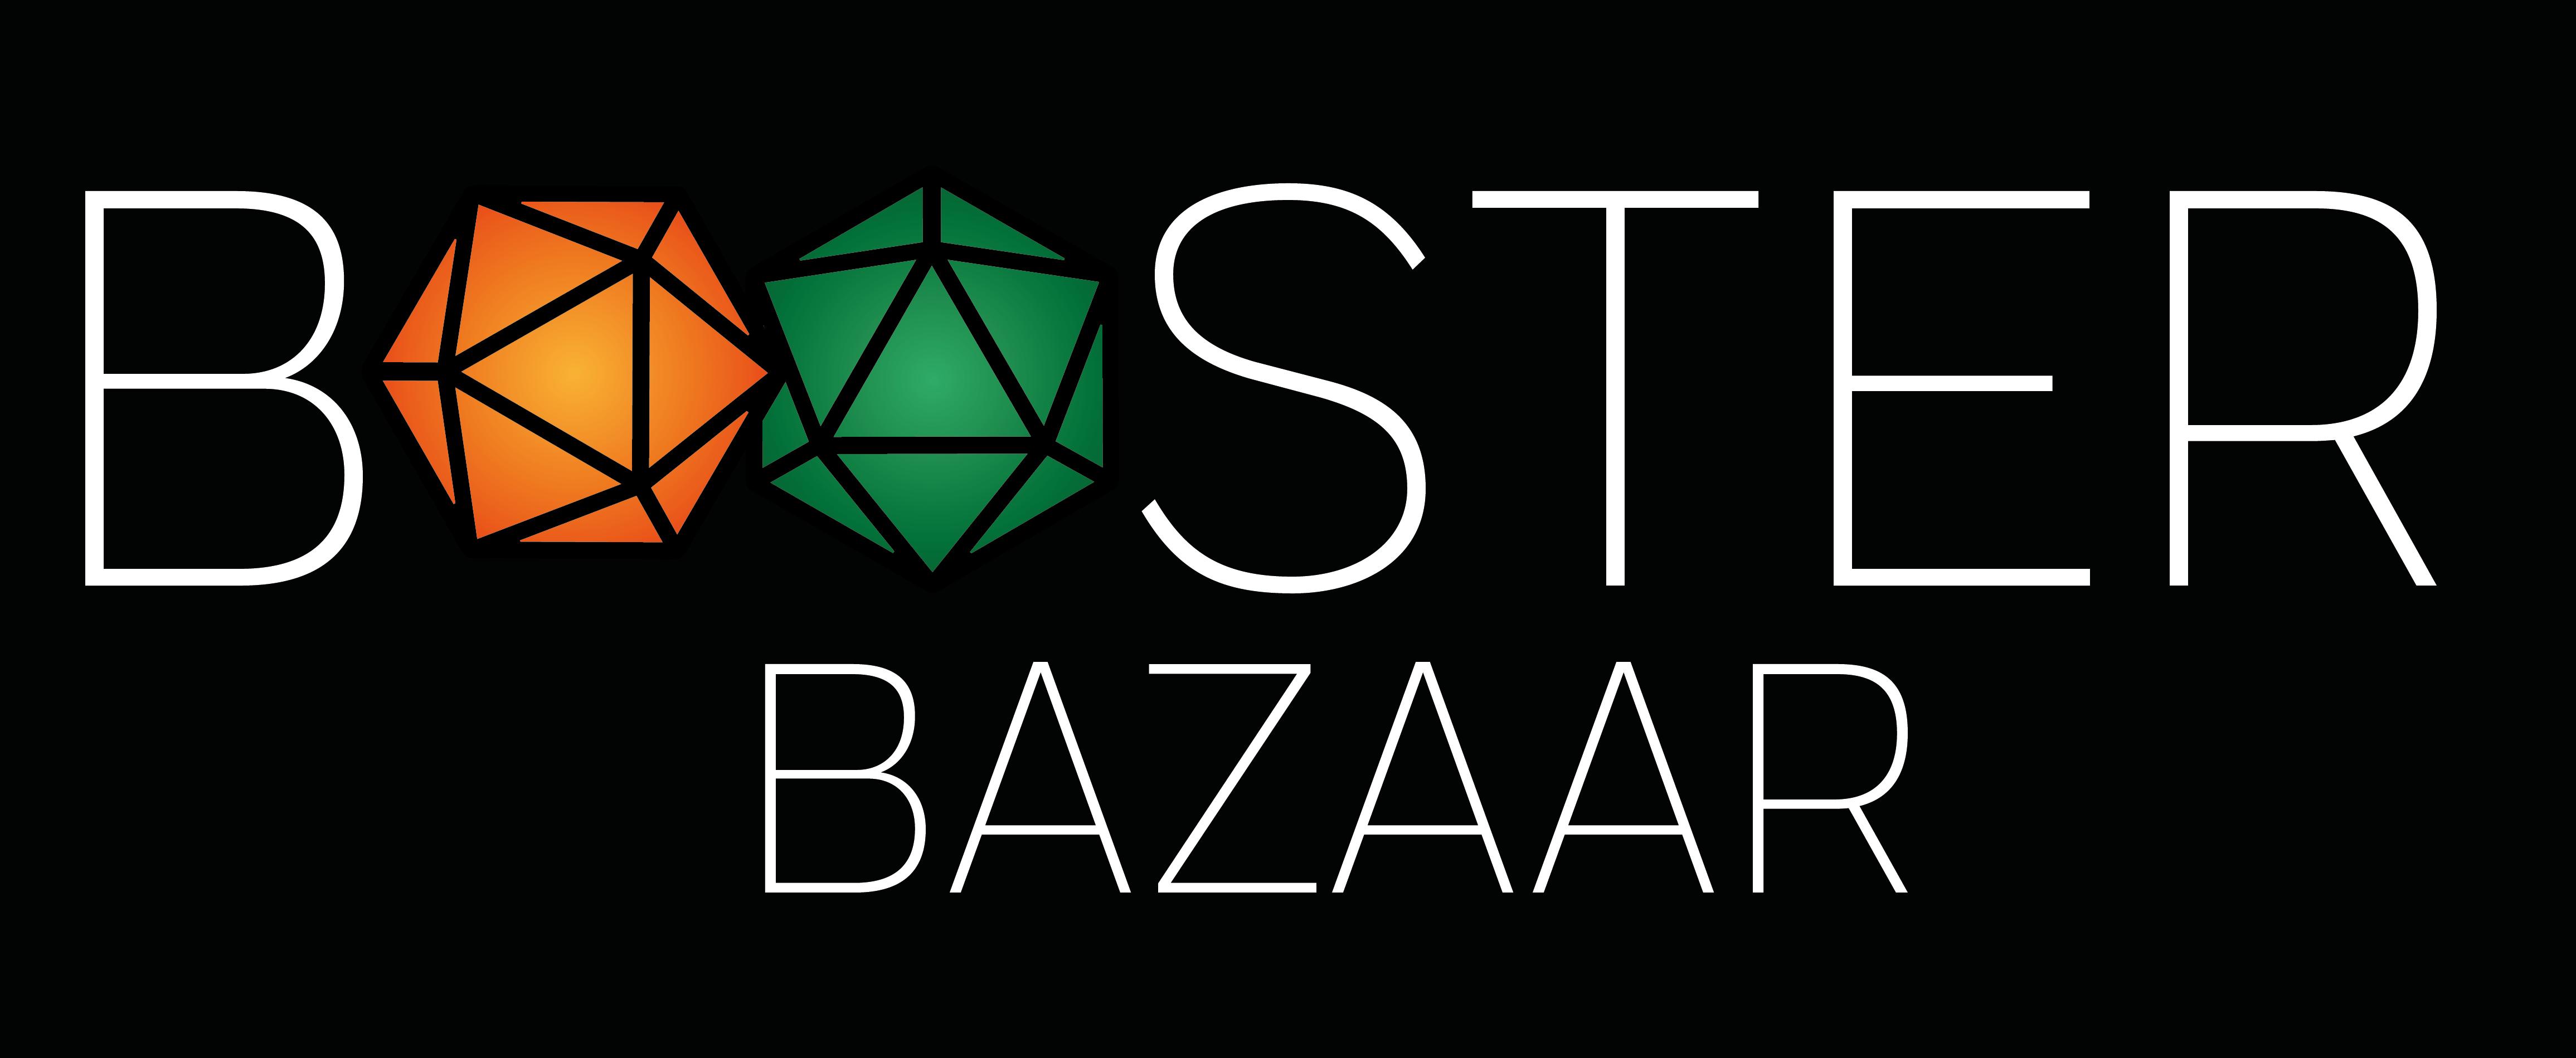 Booster Bazaar